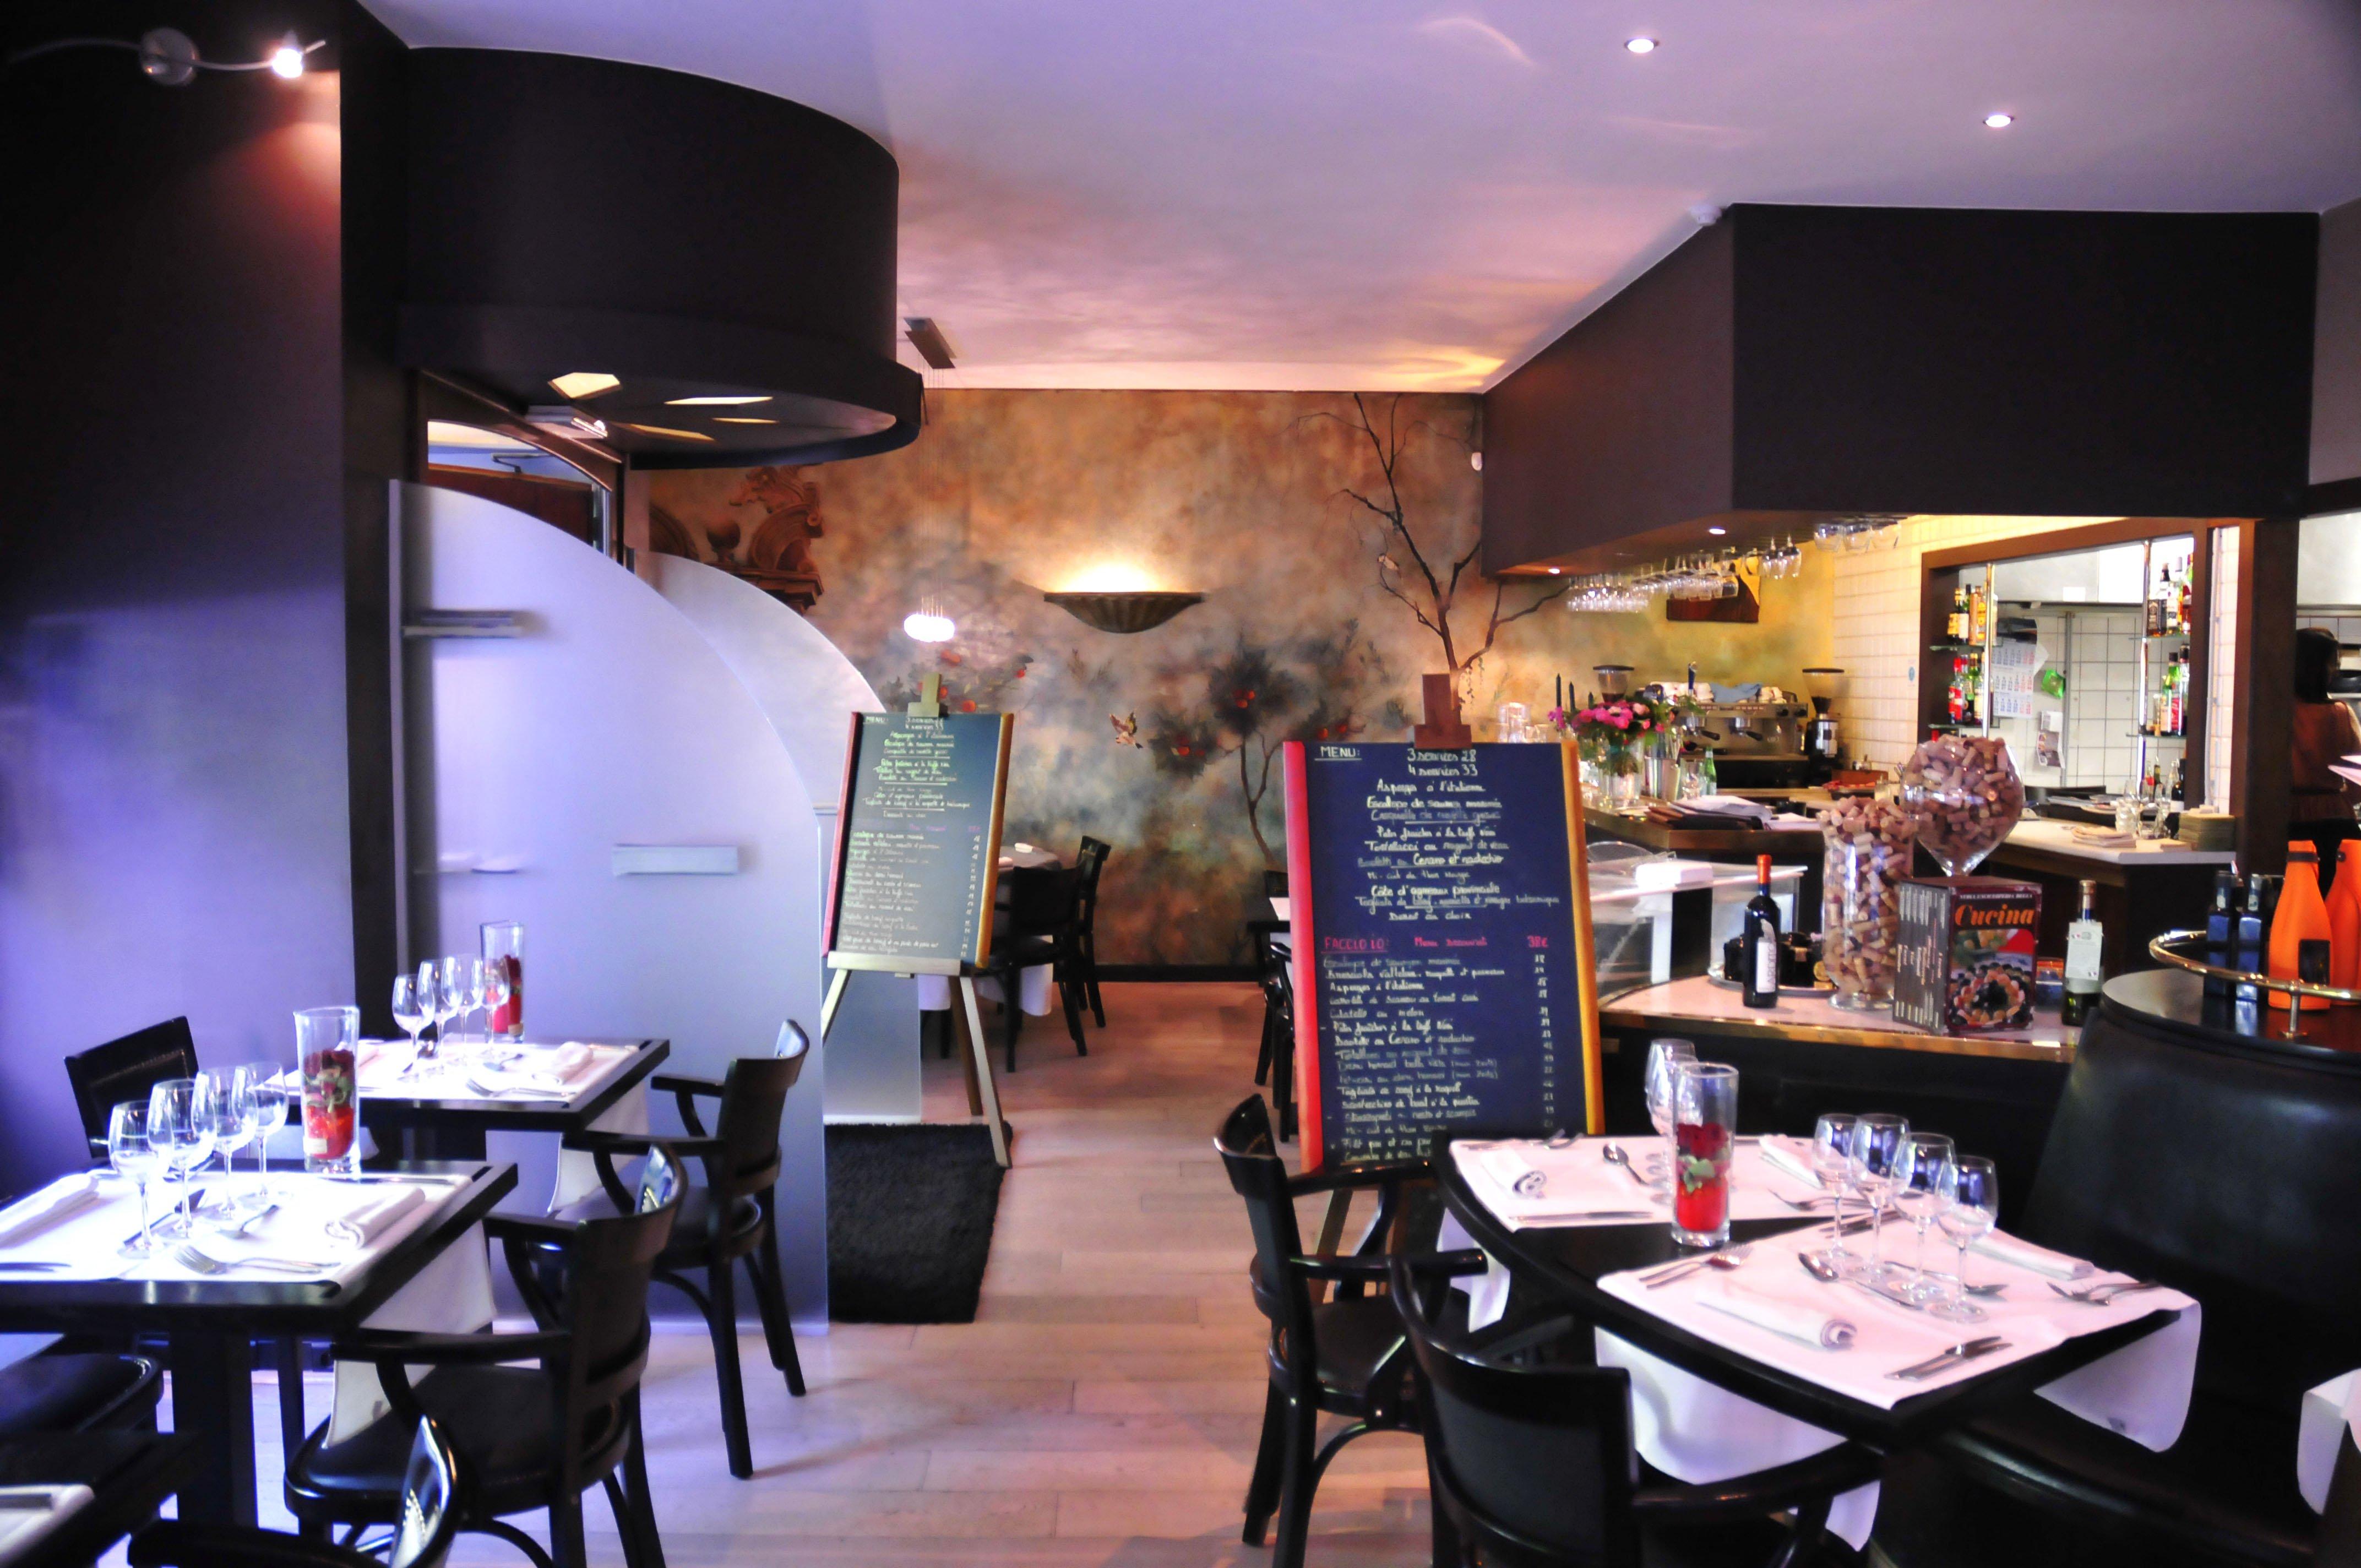 Carte pane e vino menu cuisine italienne gastronomique for Aix cuisine du terroir menu